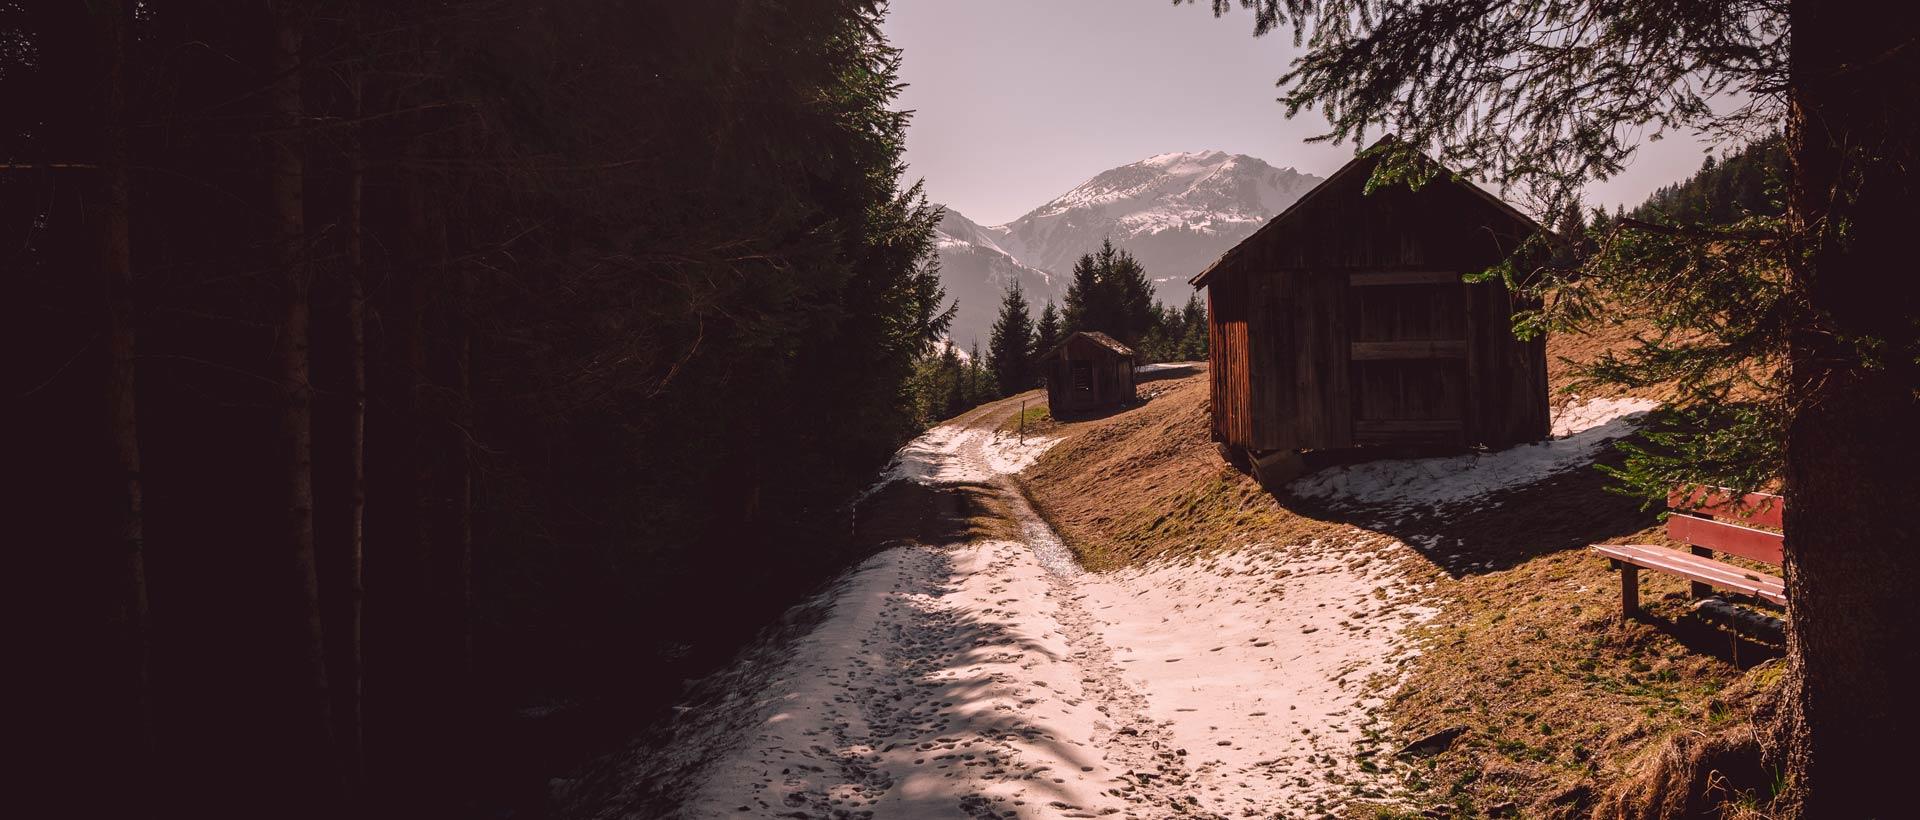 Wintersonnen-Genuss-Pauschalen